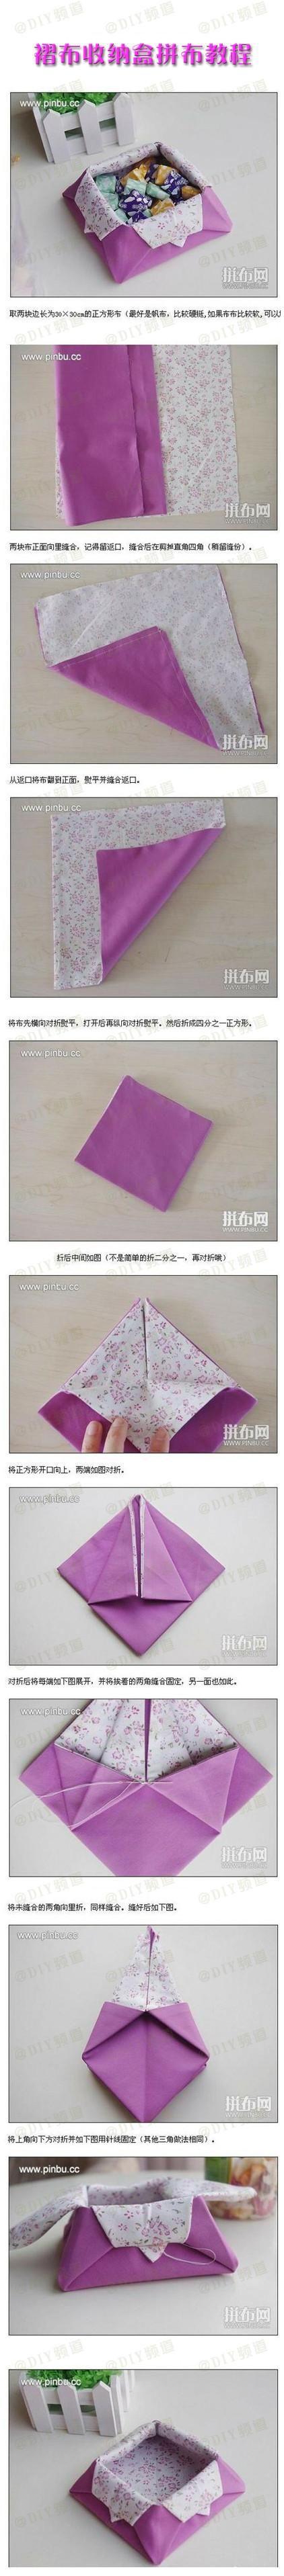 Caixa de armazenamento de tecido plissado